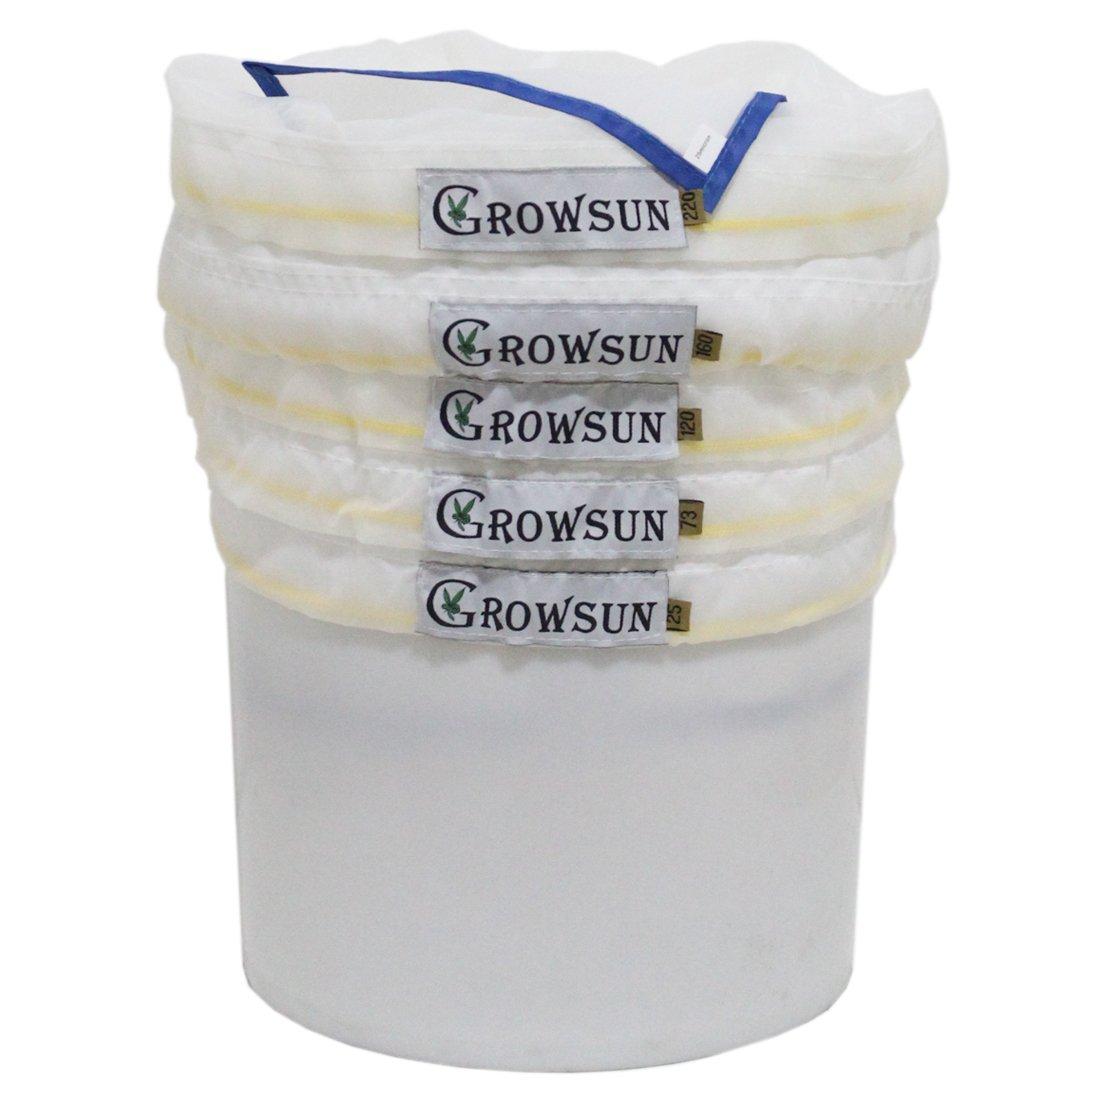 Growsun All Mesh Bubble Hash Bags … (20-Gallon 5-Bag) Estarhydro